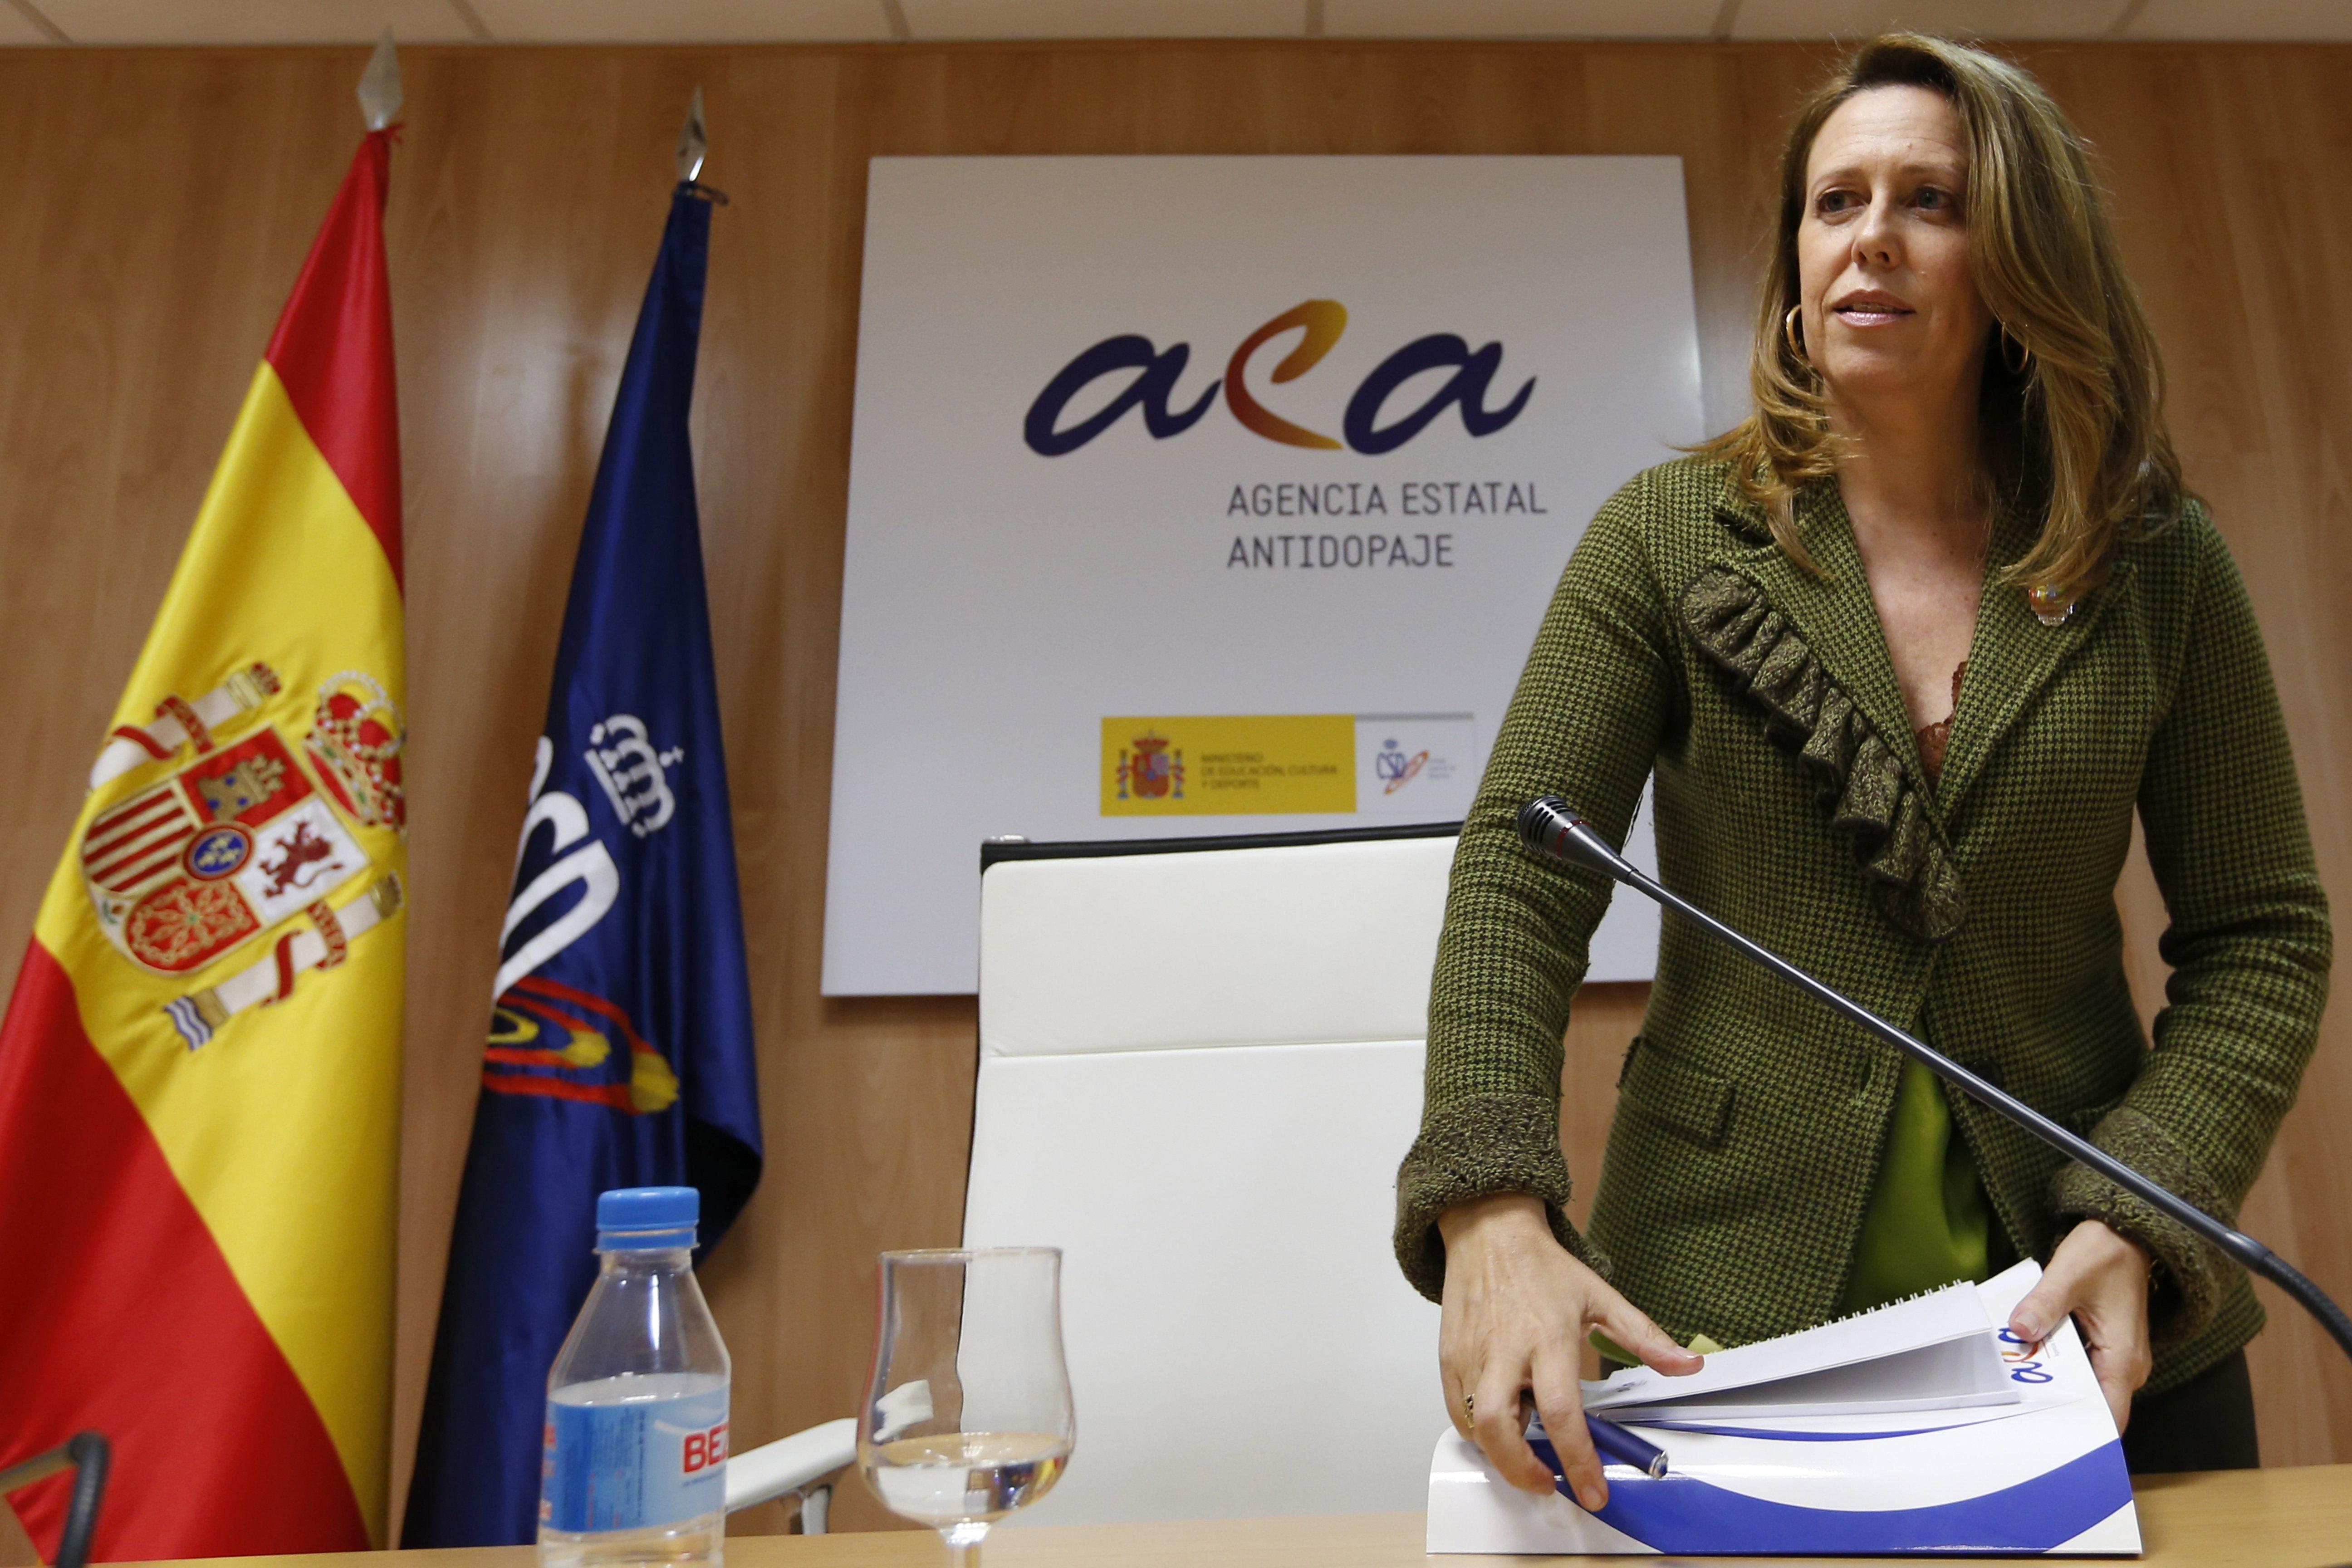 Ana Muñoz confirma los resultados adversos de atletas, pero no da nombres